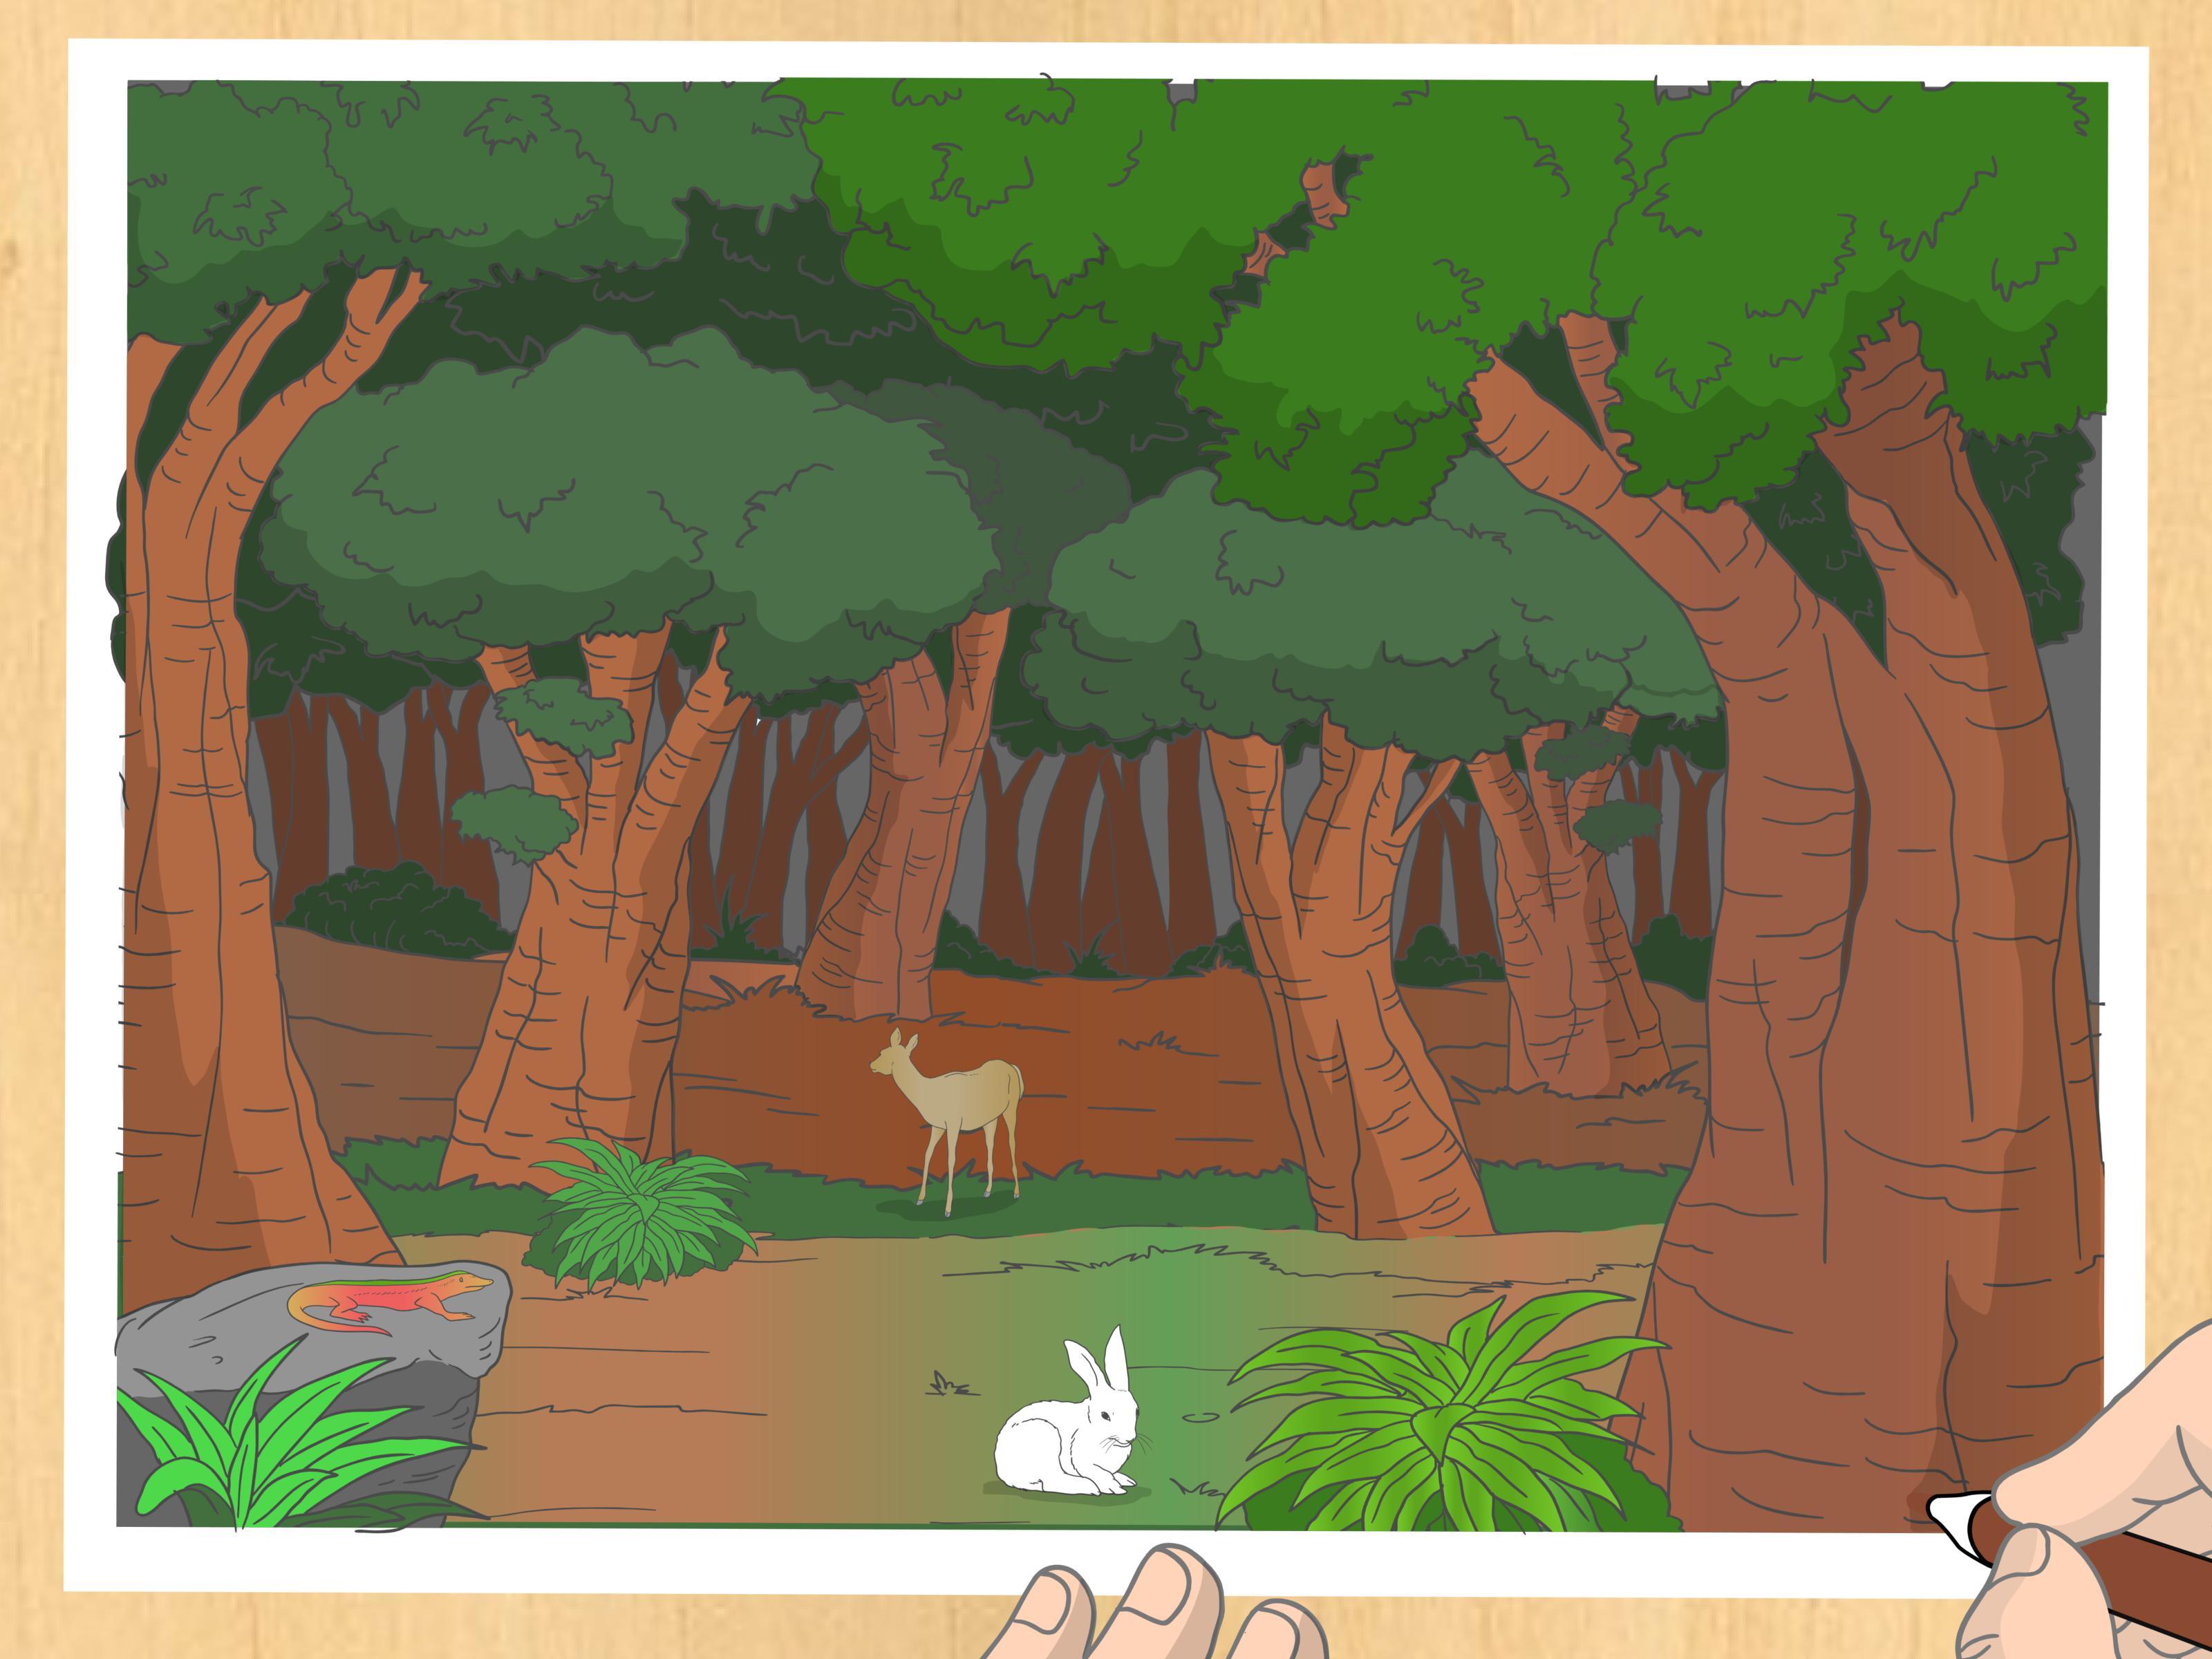 3200x2400 3 Ways To Draw A Forest